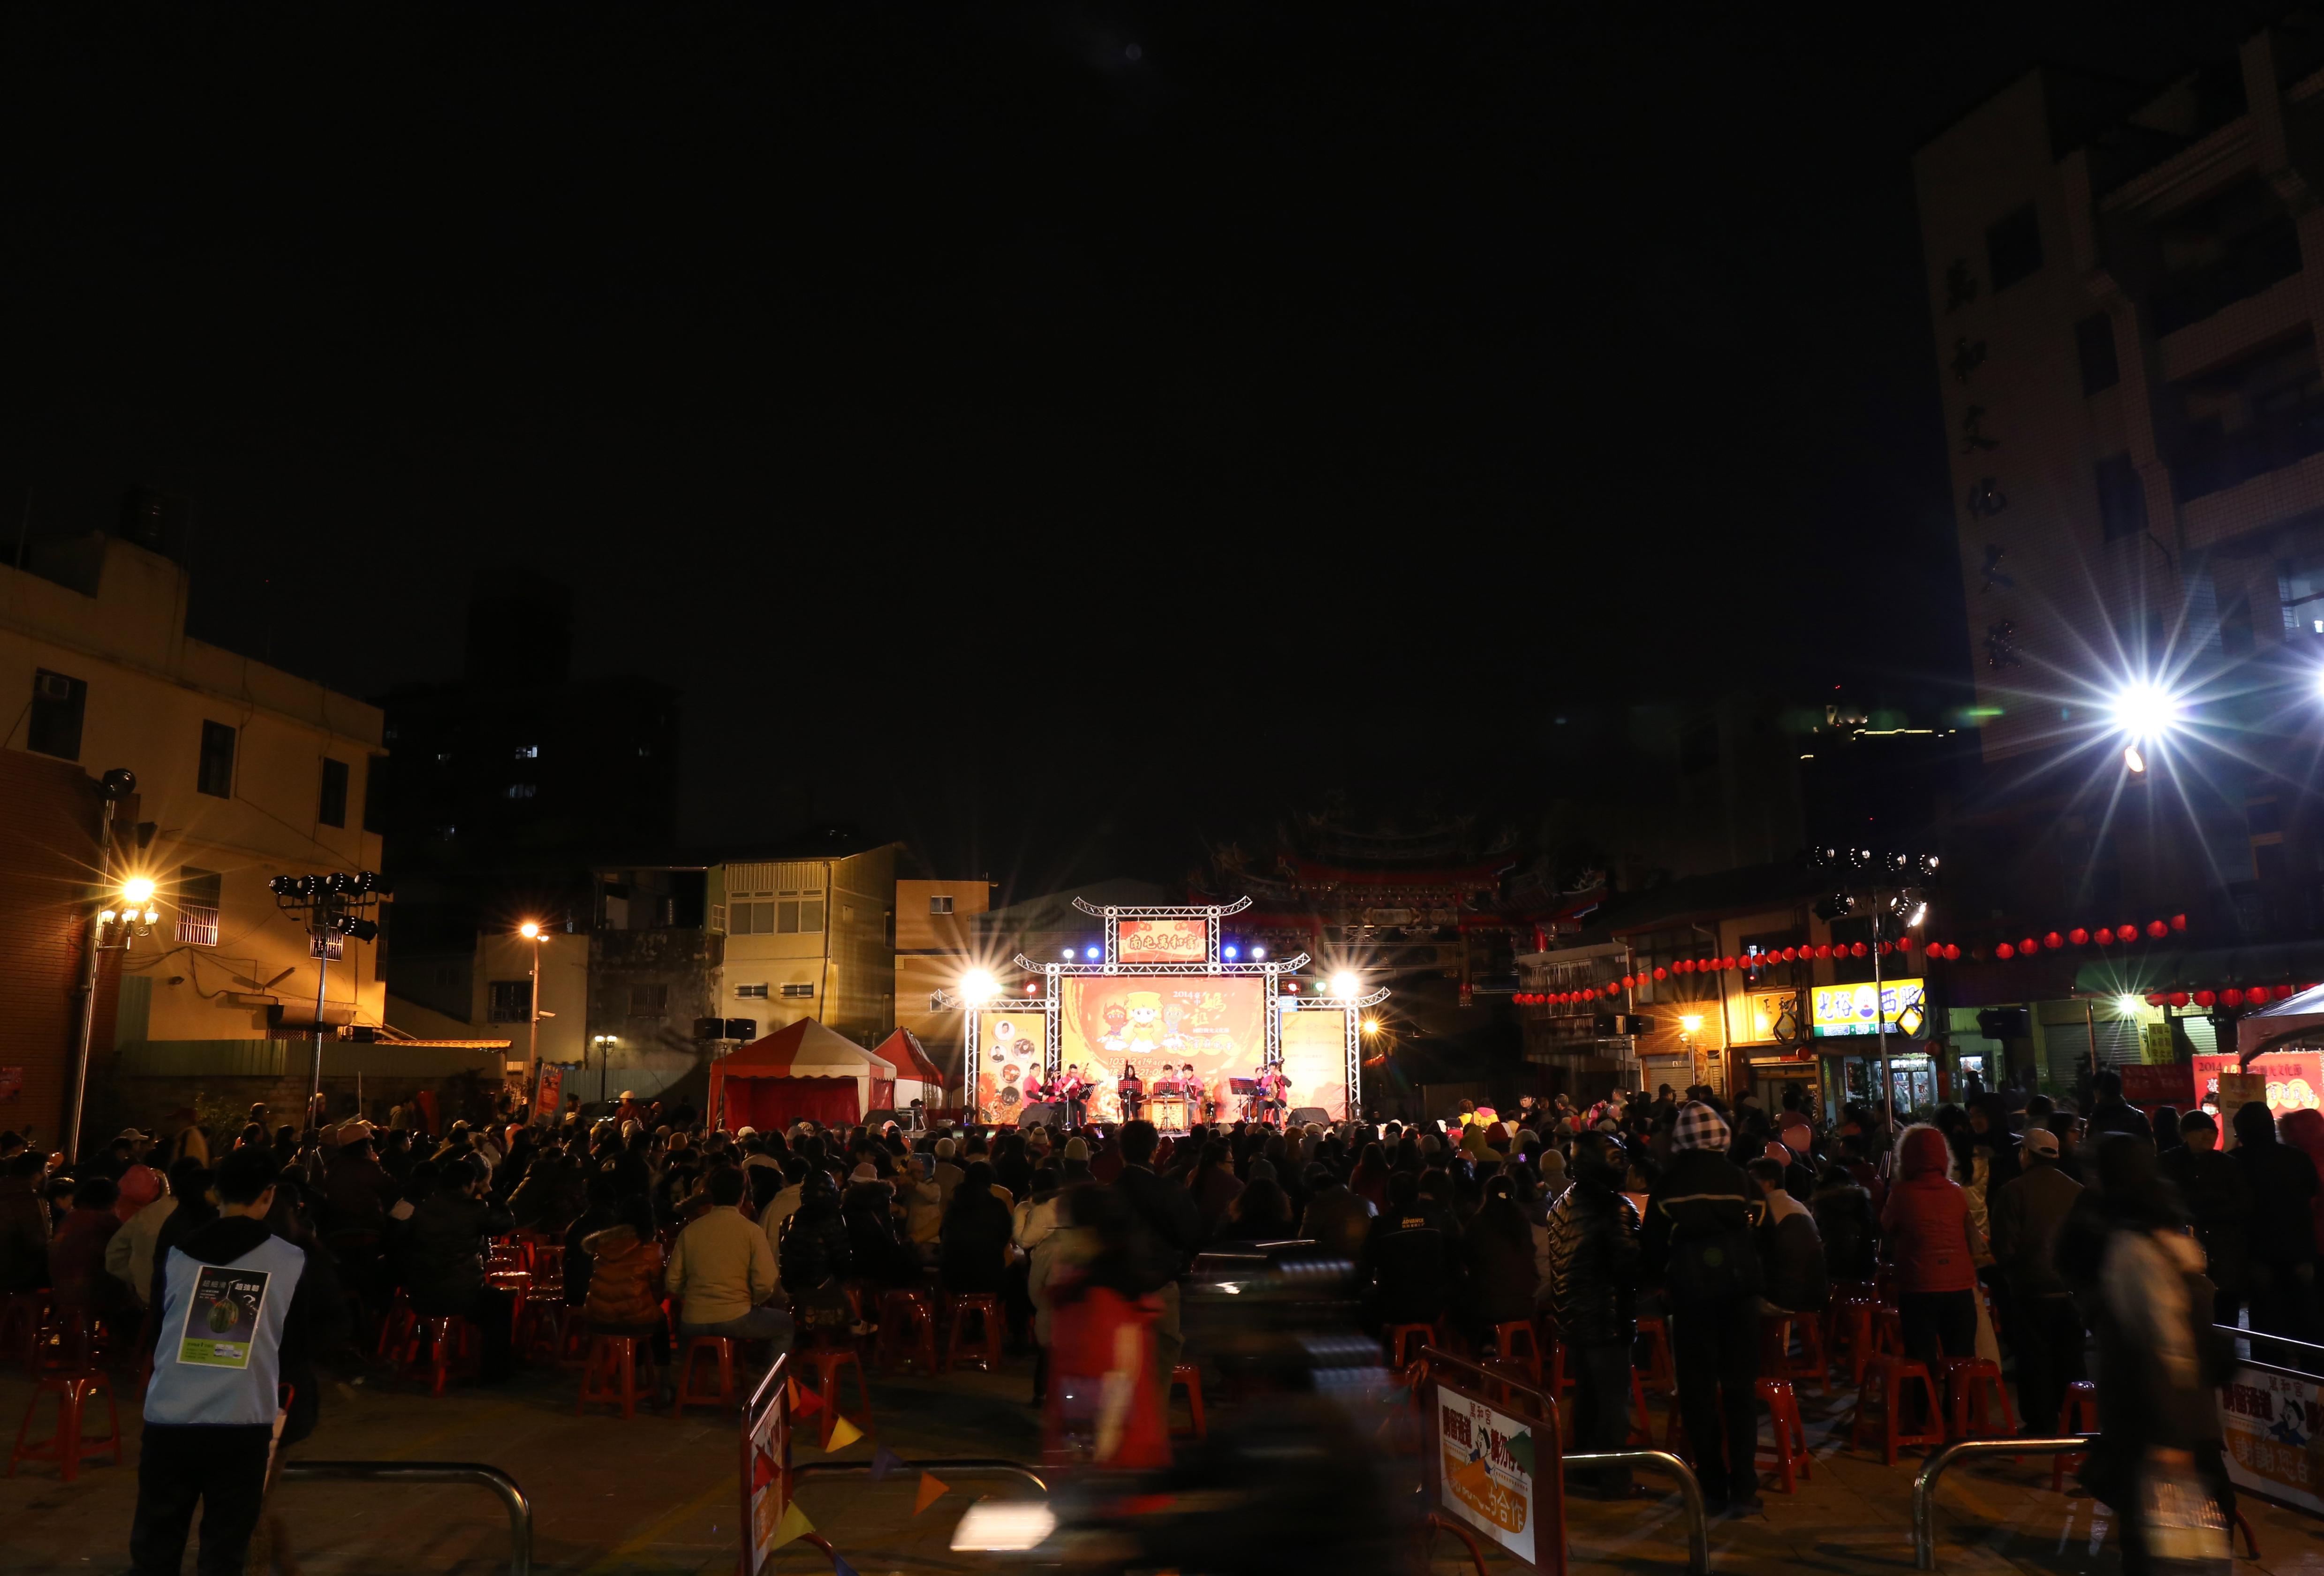 台中媽祖國際觀光文化節在萬和宮,台中婚錄推薦11